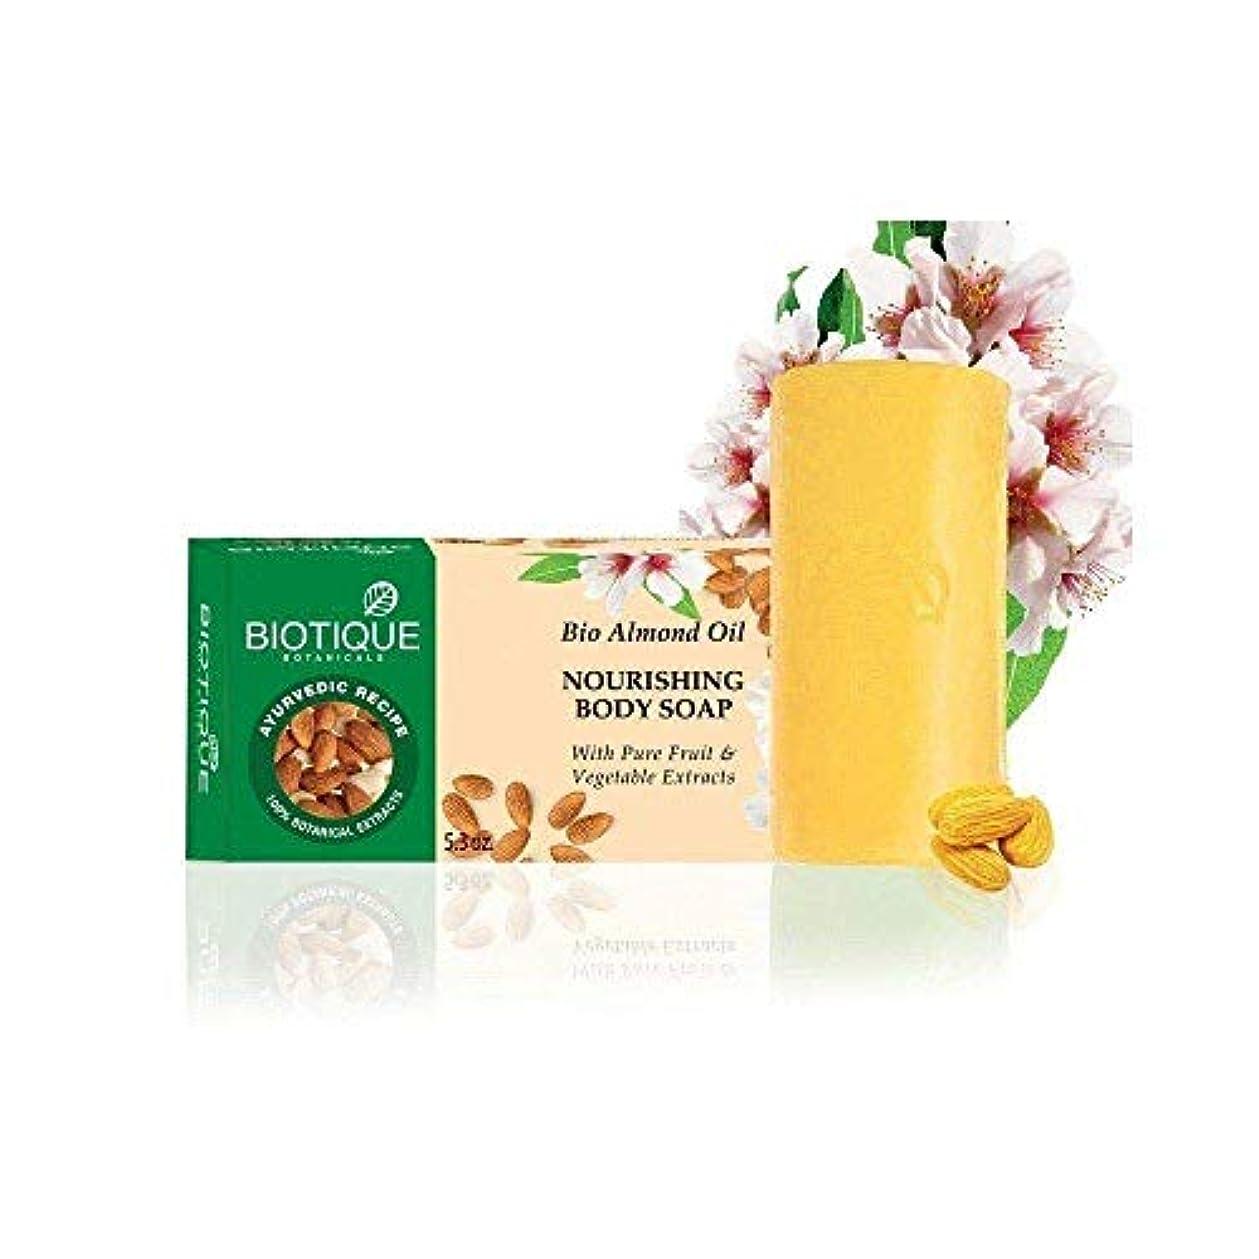 遠洋の維持するメジャーBiotique Bio Almond Oil Nourishing Body Soap - 150g (Pack of 2) wash Impurities Biotique Bio Almond Oilナリッシングボディソープ...